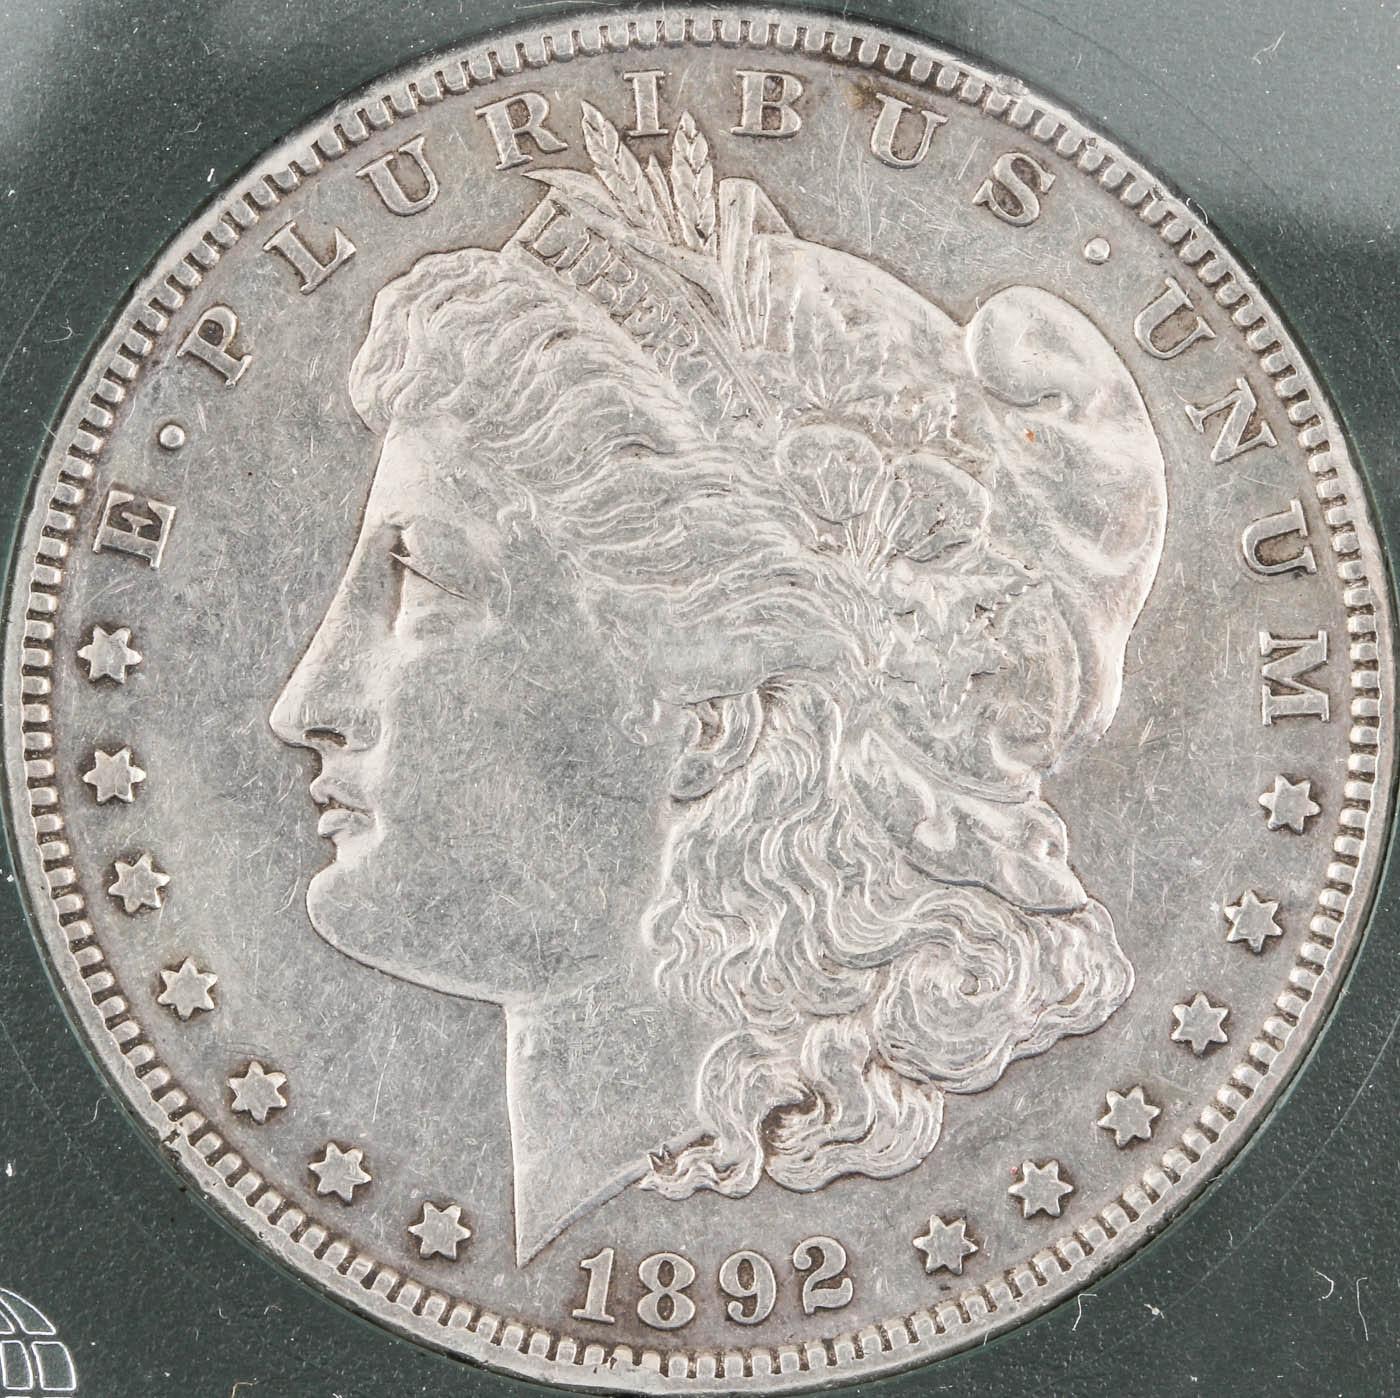 Low Mintage 1892 S Silver Morgan Dollar